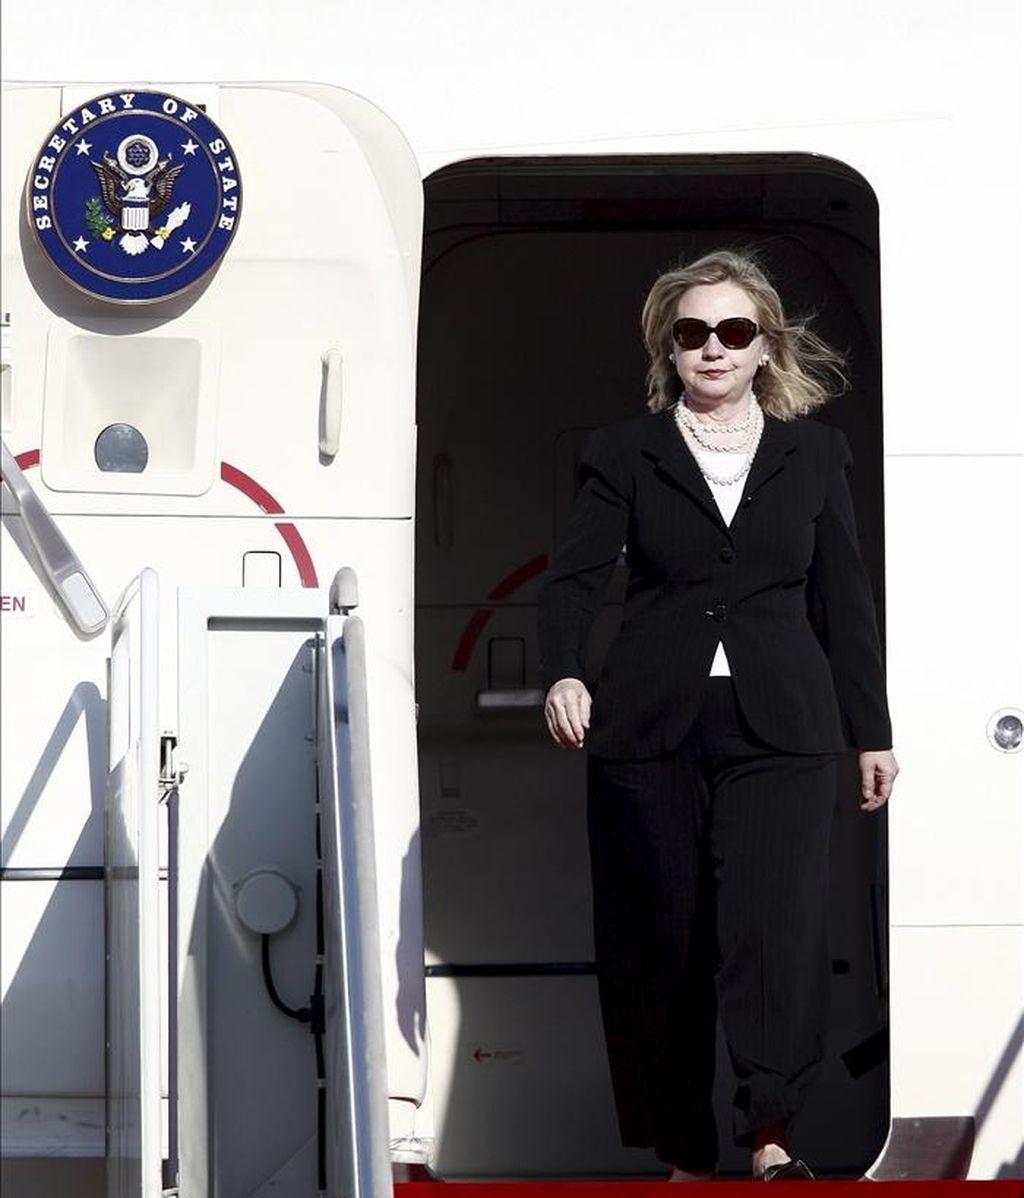 La secretaria de estado estadounidense, Hillary Clinton, a su llegada al aeropuerto de Seúl en Seongnam (Corea del Sur) hoy, sábado, 16 de abril de 2011. Clinton se encuentra en una visita oficial de dos días para reforzar la alianza entre ambos países. EFE